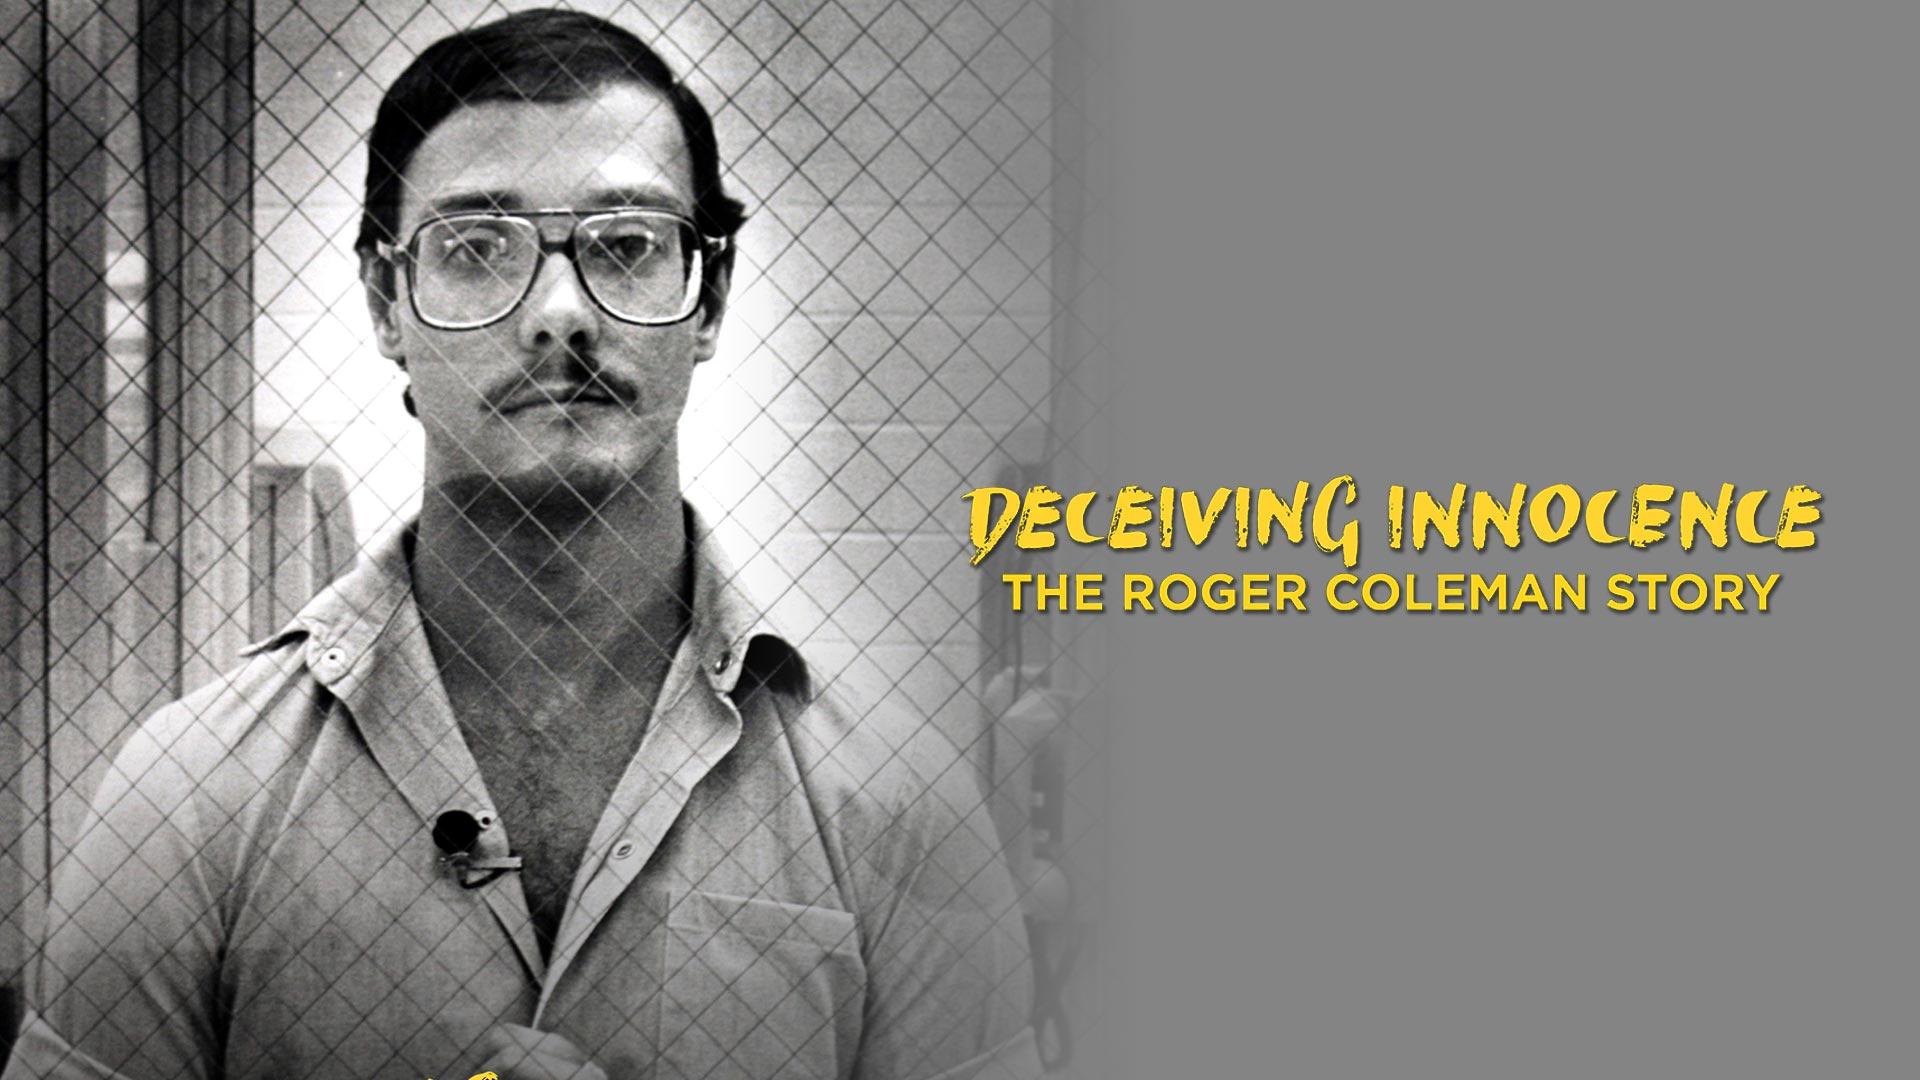 Deceiving Innocence: Roger Coleman HD